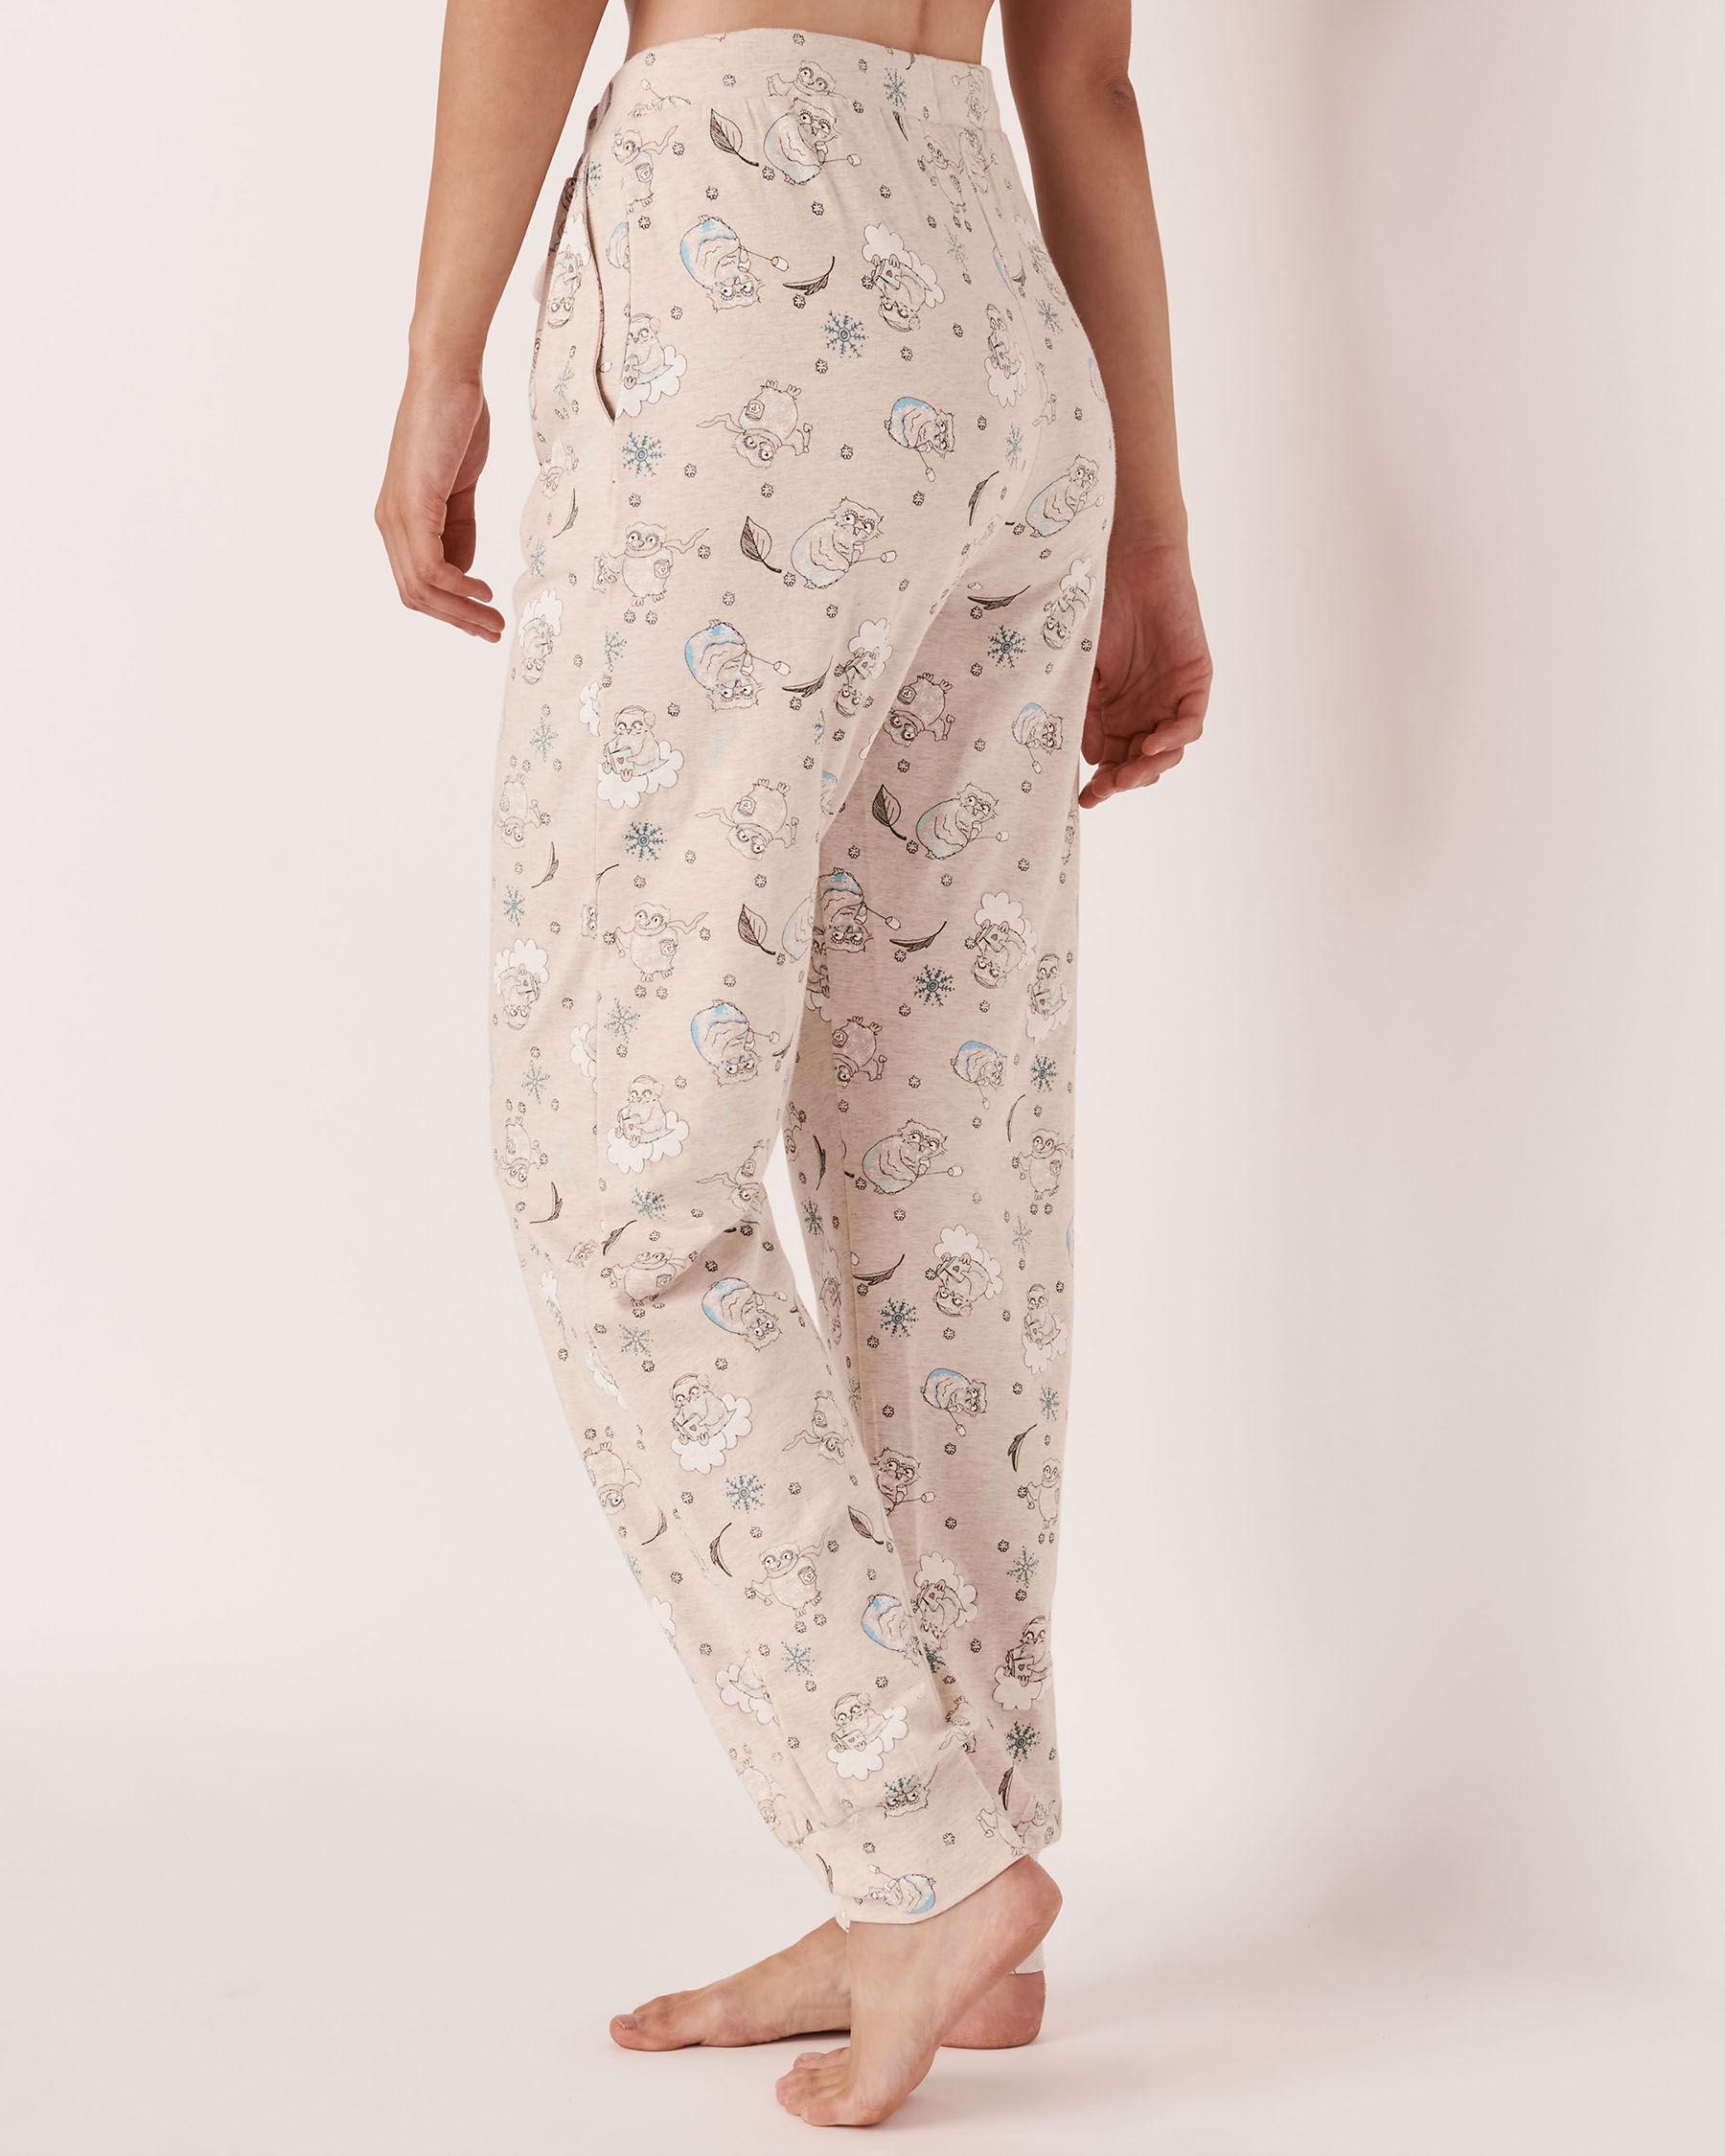 LA VIE EN ROSE Organic Cotton Fitted Pant Owl 40200144 - View2